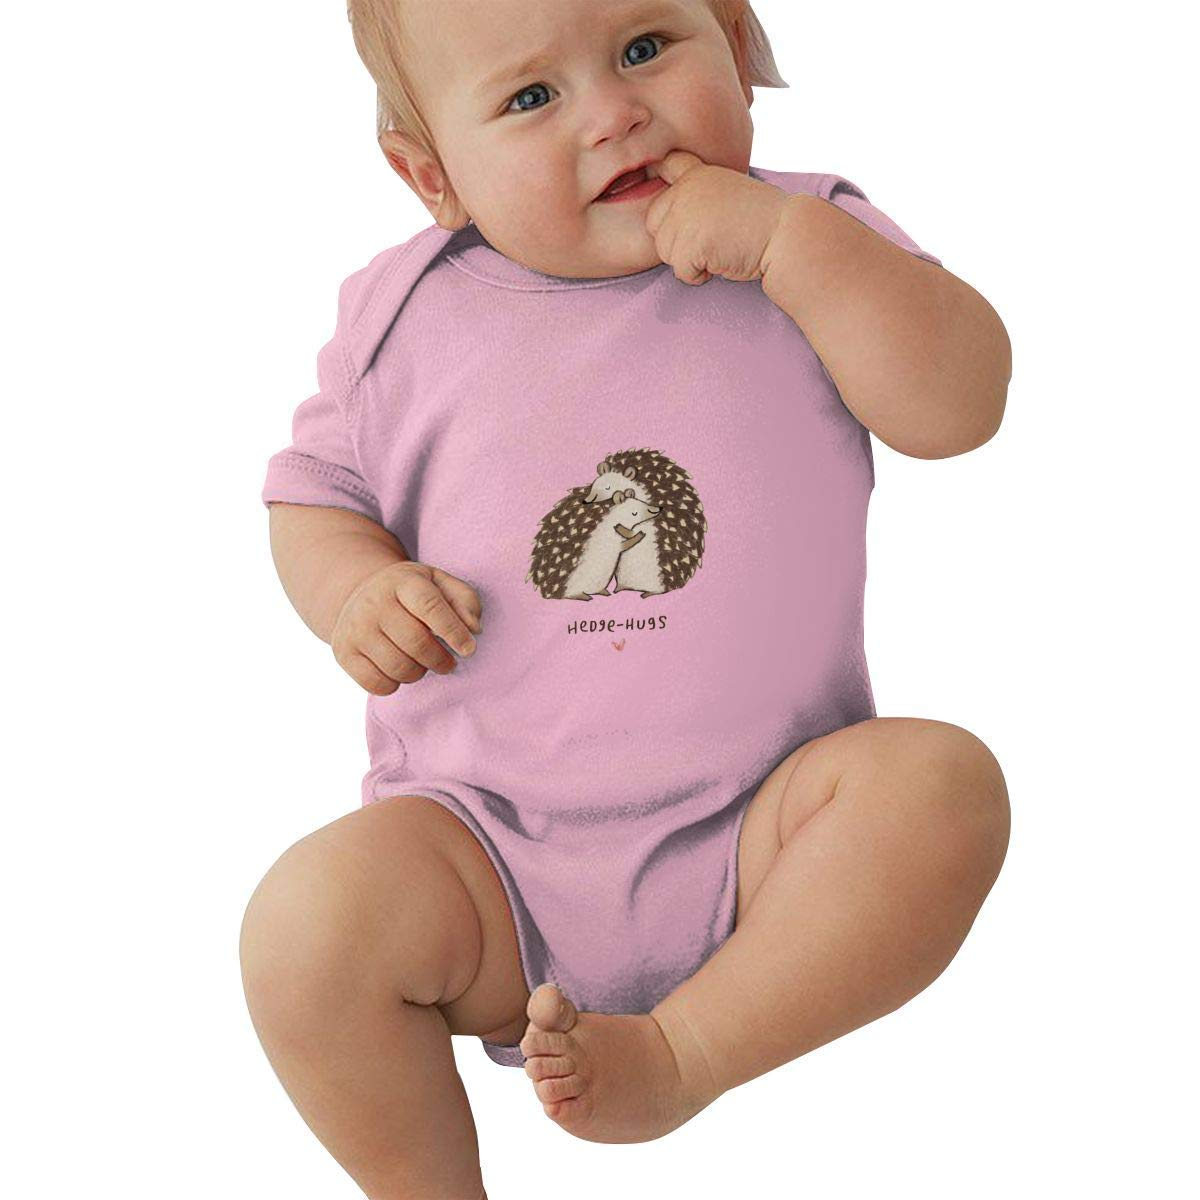 UyGFYytg Hedgehog Pattern Baby Newborn Crawling Suit Sleeveless Onesie Romper Jumpsuit Black